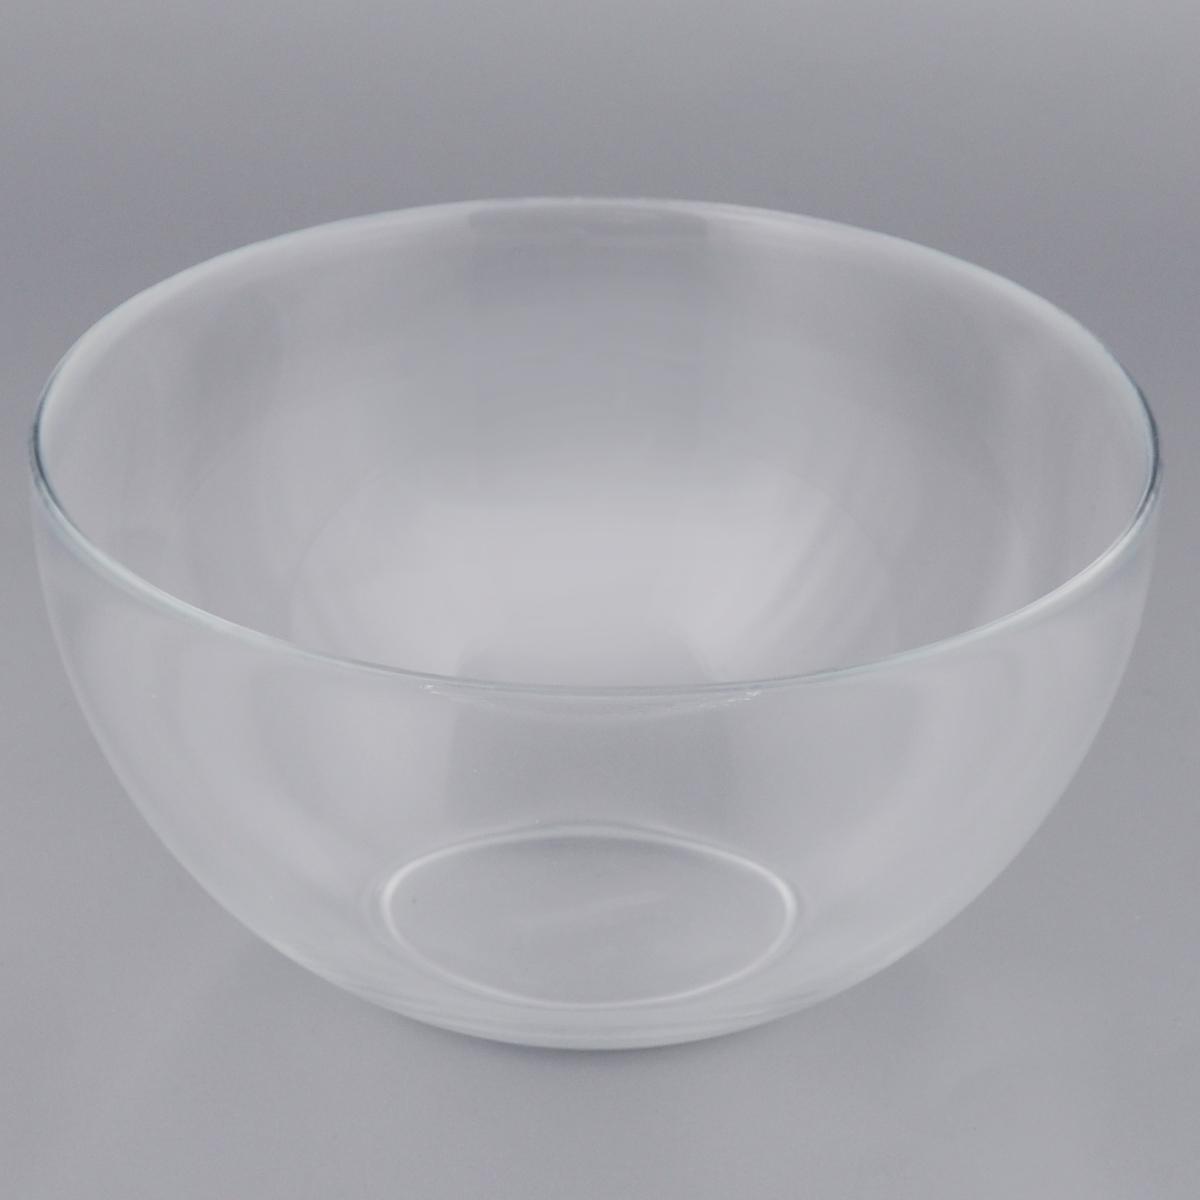 Миска Tescoma Giro, диаметр 16 смG5921Миска Tescoma Giro выполнена из высококачественного стекла и предназначена для подачи салатов и других блюд. Изделие сочетает в себеизысканный дизайн с максимальной функциональностью. Она прекрасно впишется в интерьер вашей кухни и станет достойным дополнением к кухонному инвентарю. Миска Tescoma Giro подчеркнет прекрасный вкус хозяйки и станет отличным подарком. Можно использовать в СВЧ и мыть в посудомоечной машине.Диаметр миски (по верхнему краю): 16 см. Высота стенки: 8,5 см.